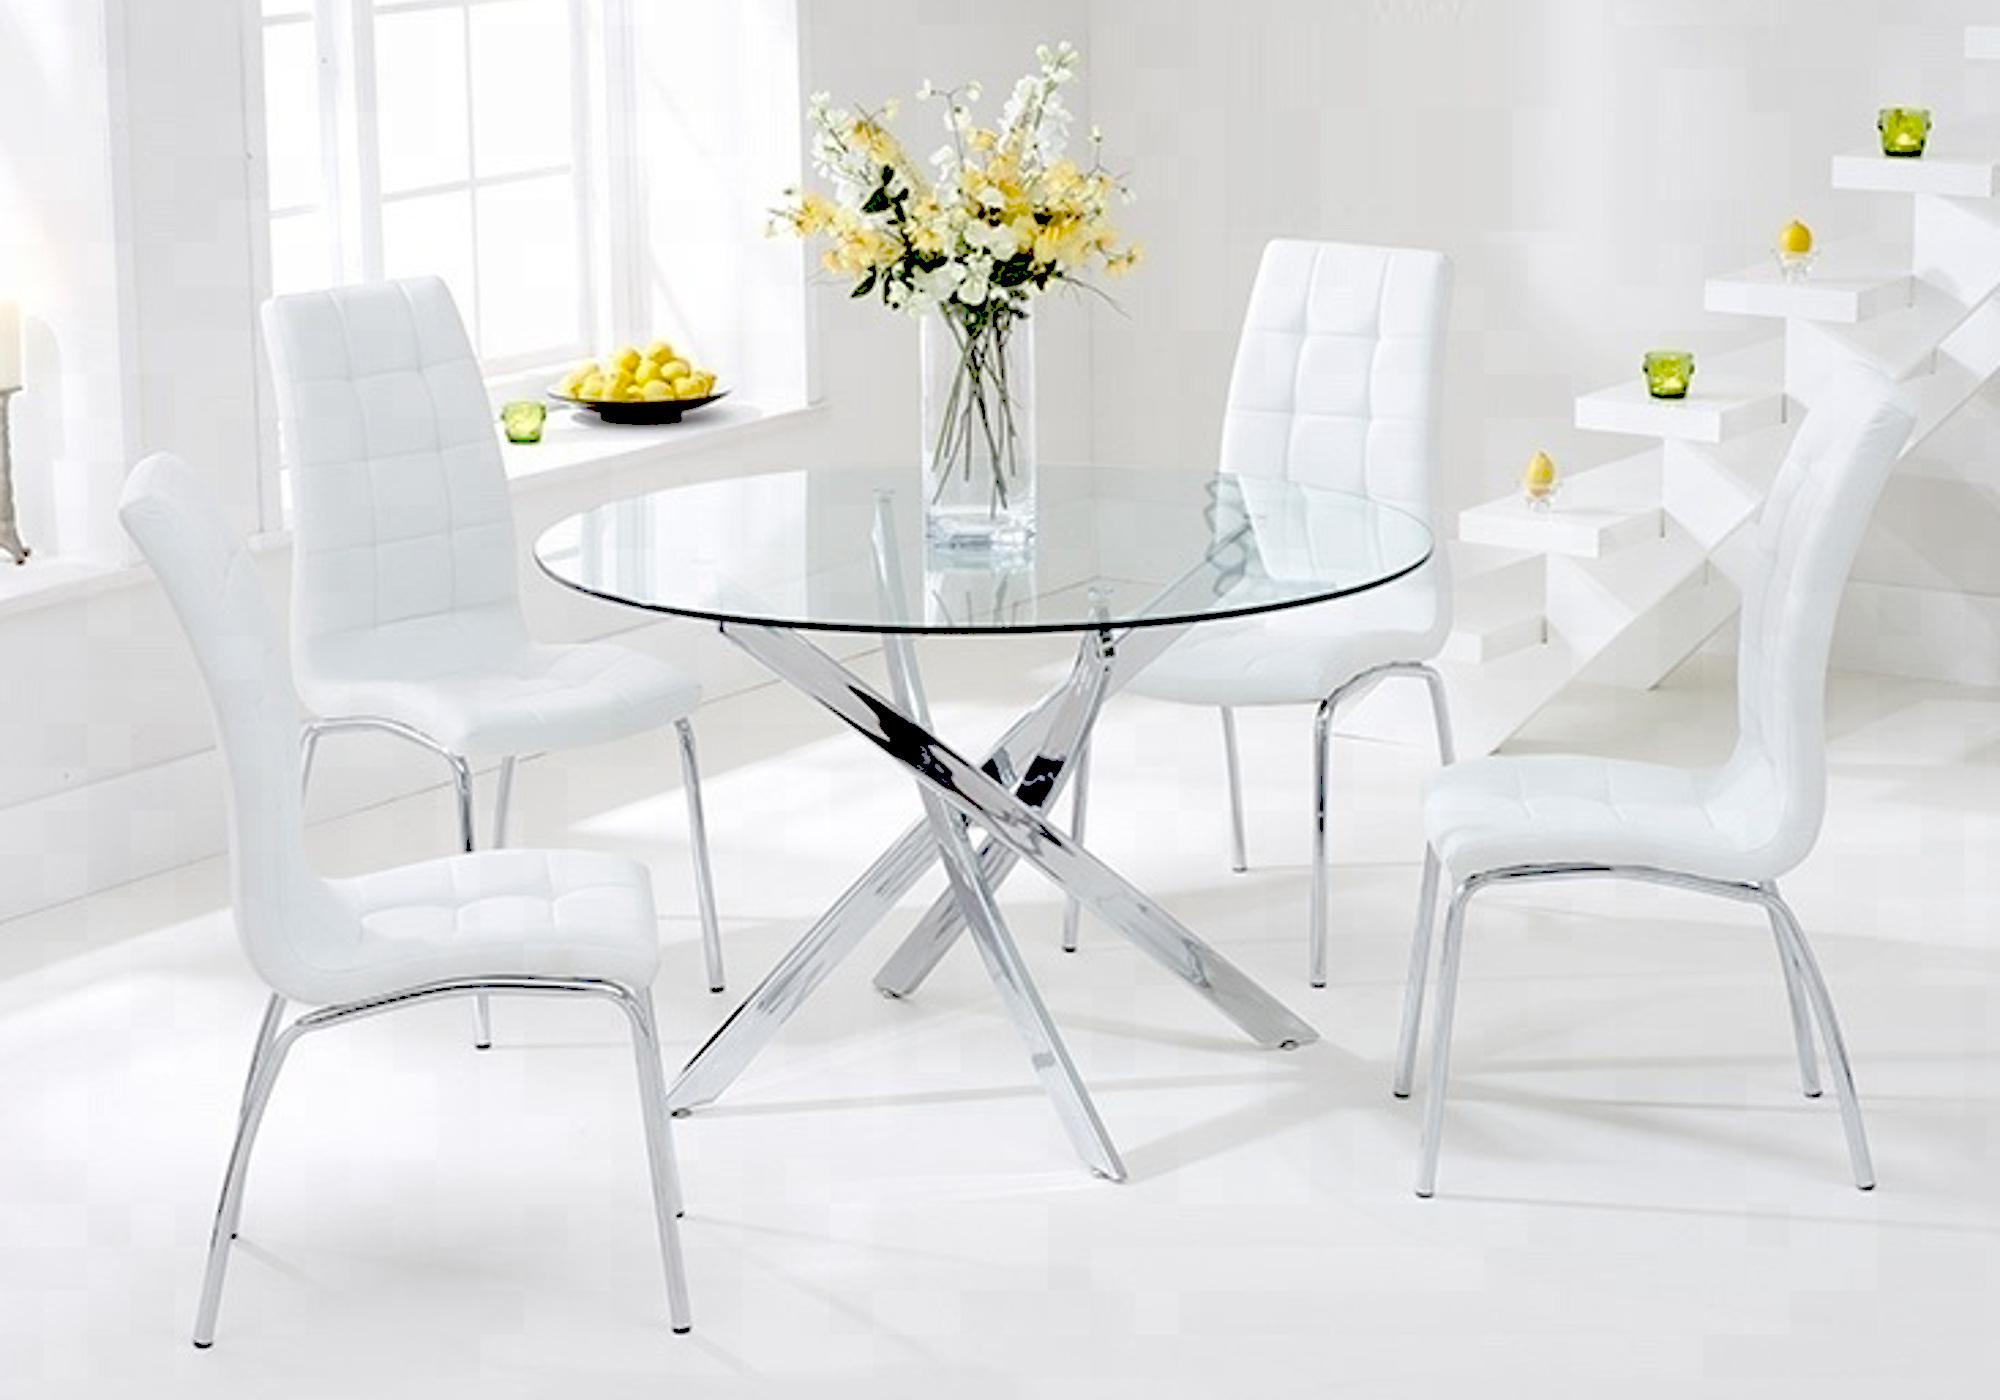 Table chromé 6 chaises blanches DESIGN